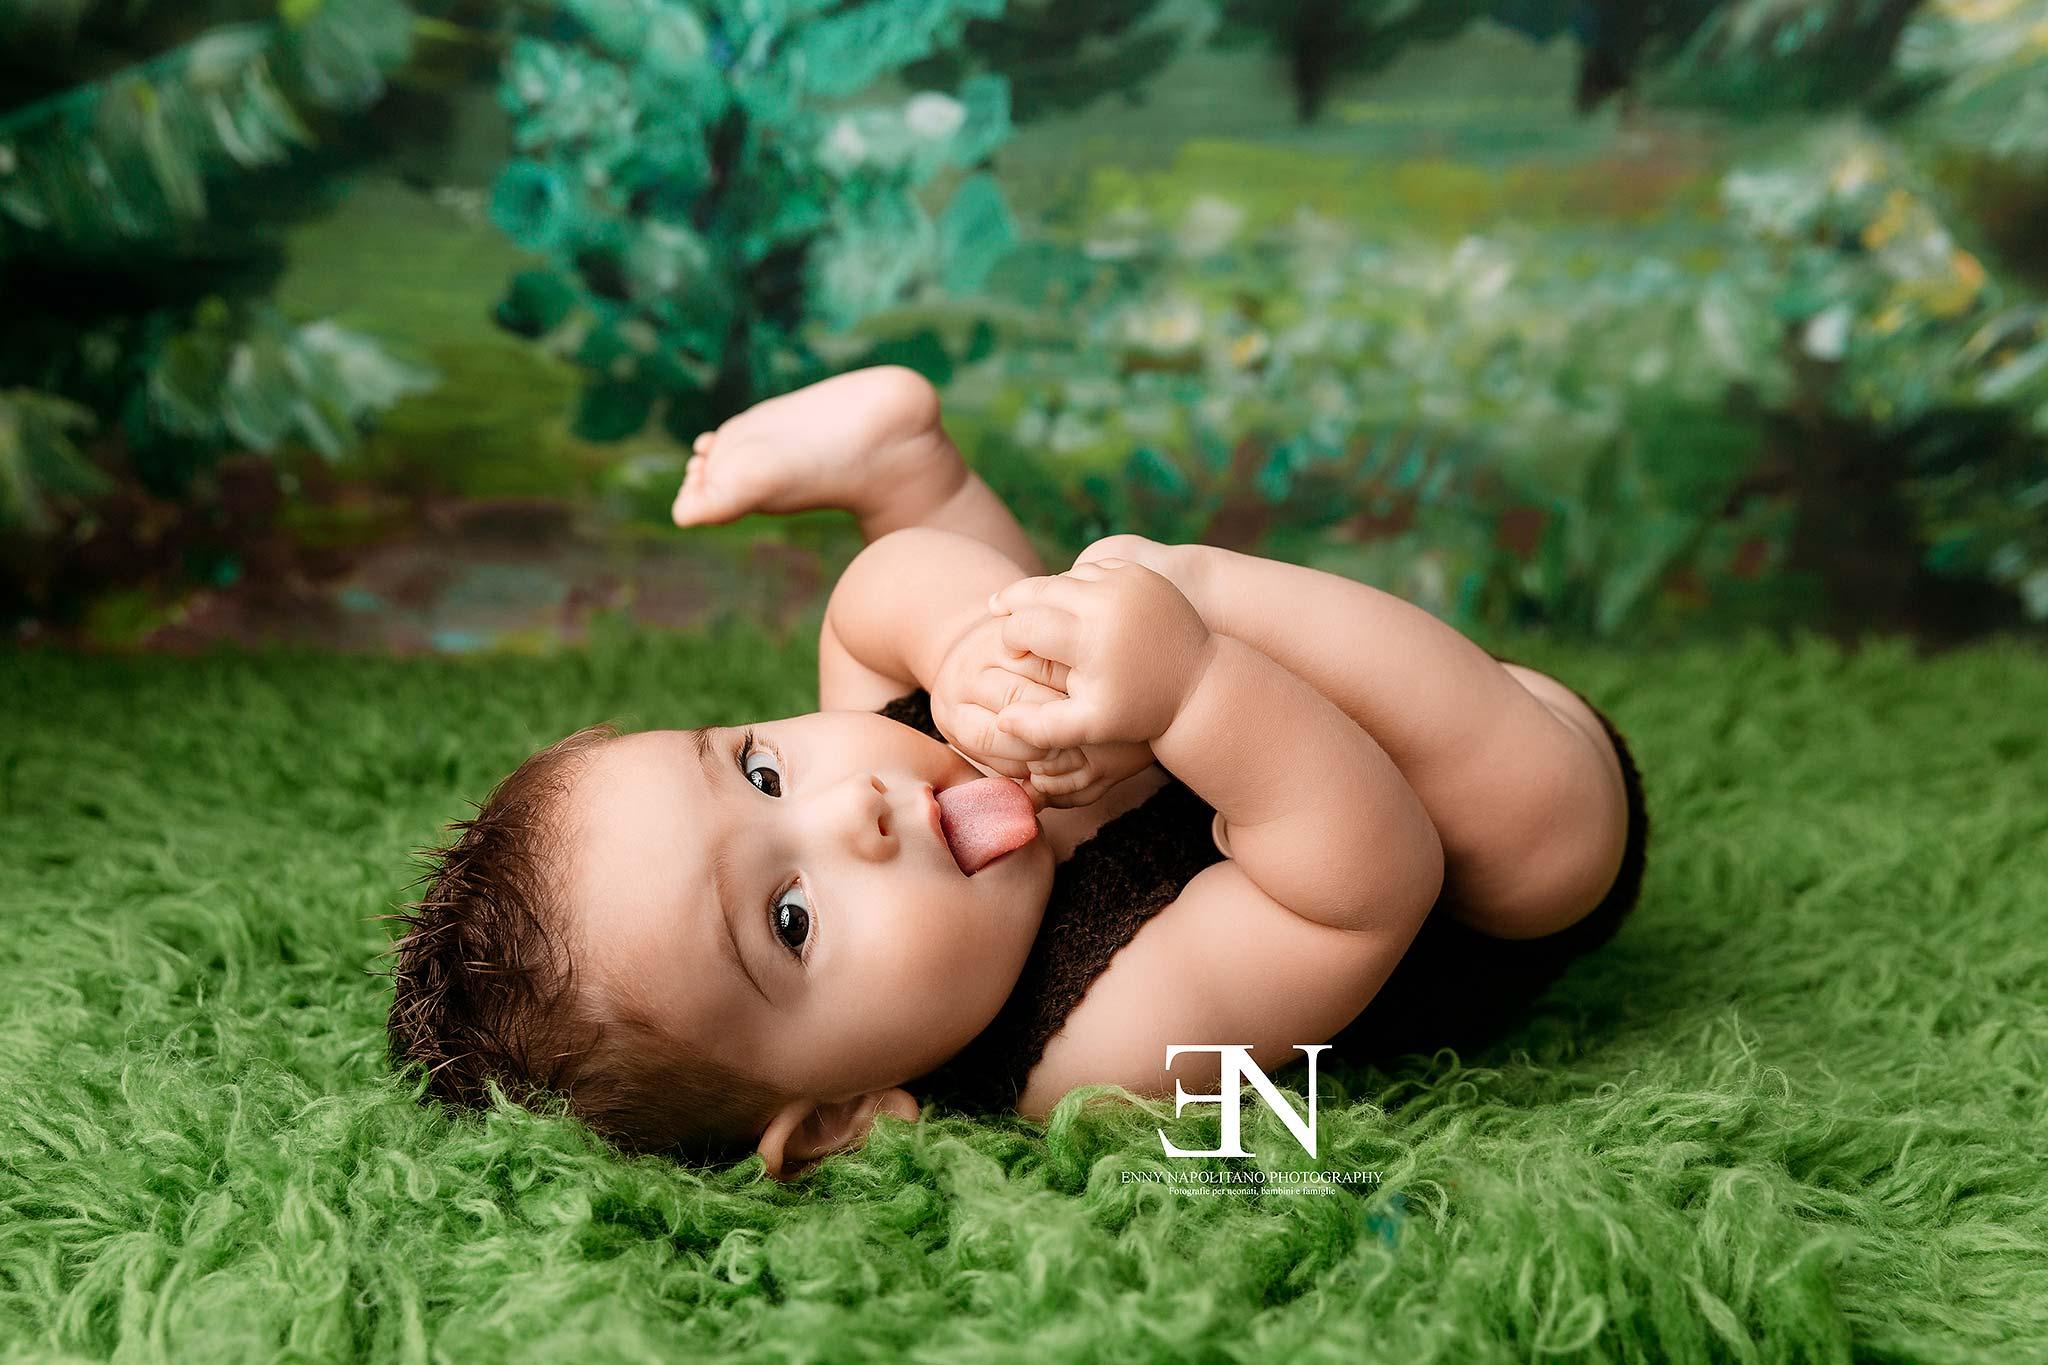 Fotografo bambini 6 mesi mangia piedini Milano, Monza, Pavia, Bergamo, Pavia